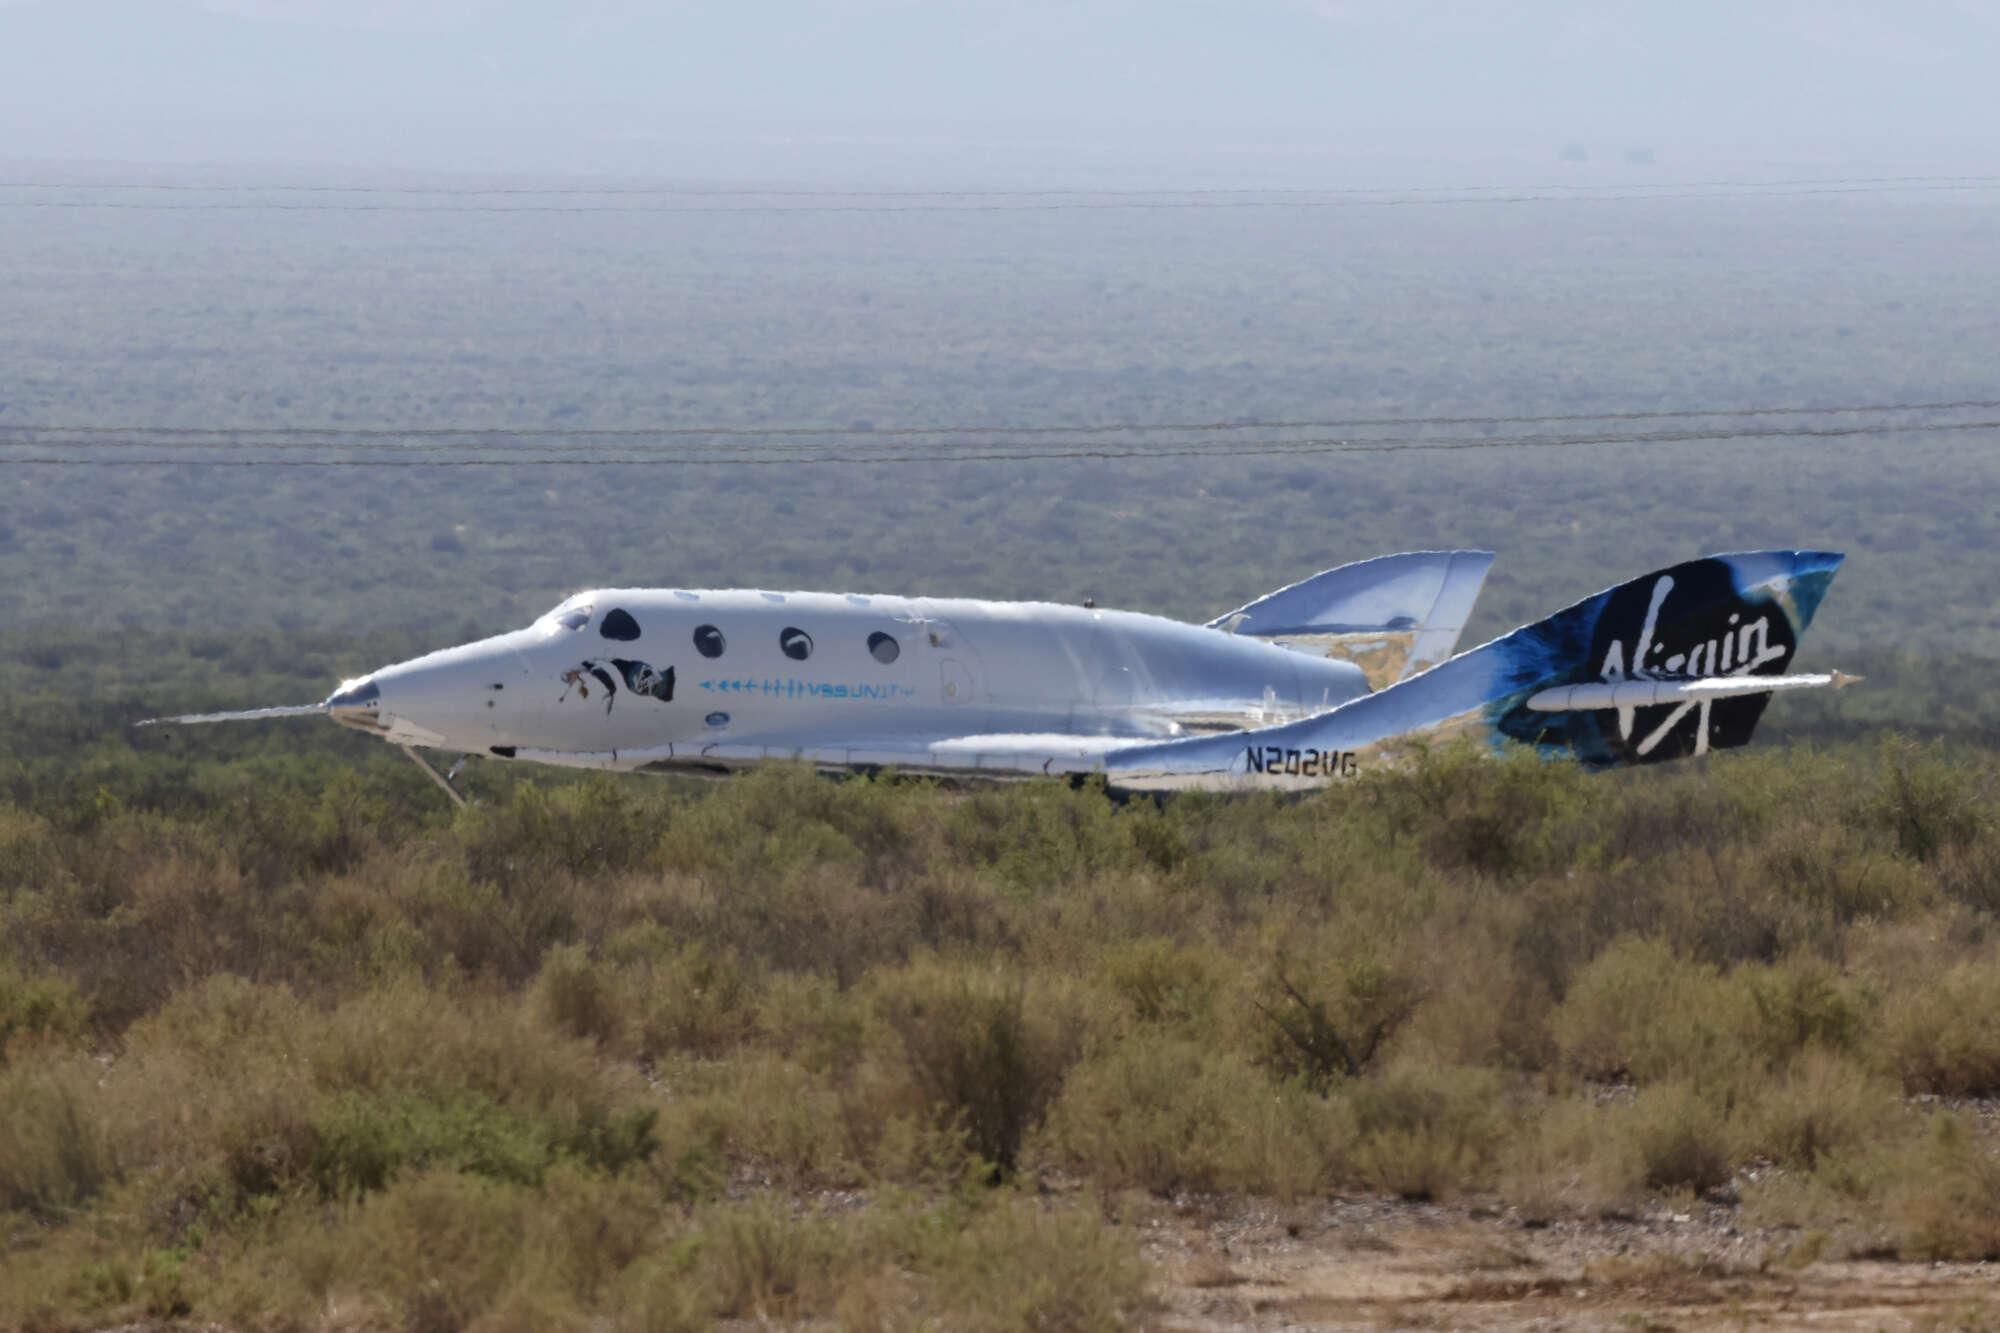 Η στιγμή της προσγείωσης. Το Unity πατάει ξανά τους τροχούς του στον διάδρομο της βάσης Spaceport America περίπου στις 09:40 τοπική ώρα, (18:40 ώρα Ελλάδας)